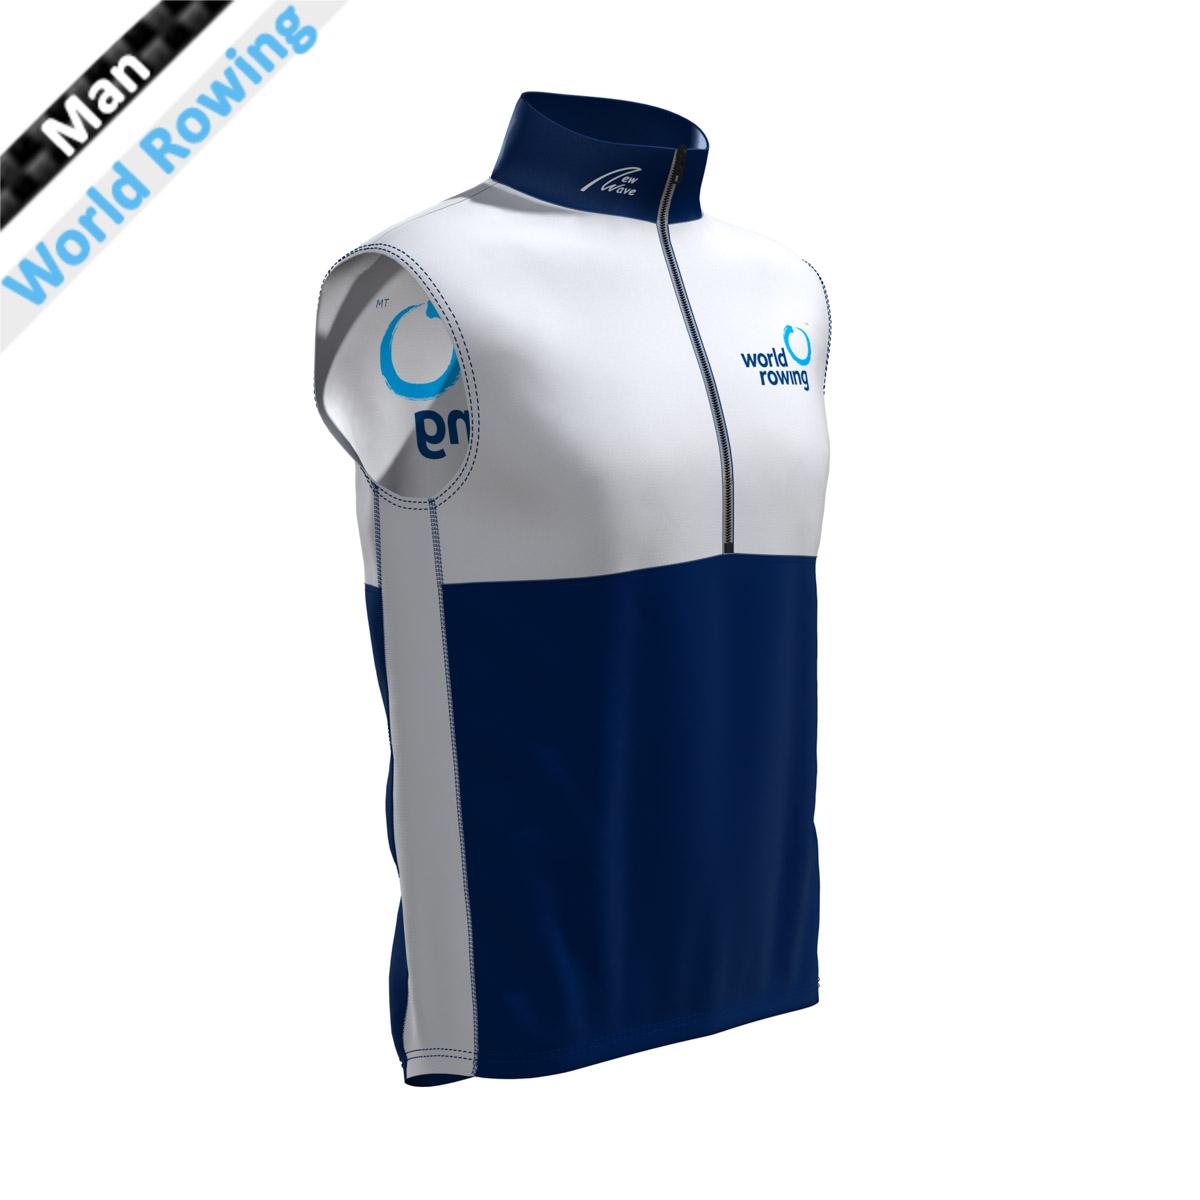 World Rowing Vest - Man weiß/marine (Kragen, Bauch, Rückenunterteil - marine / Brust, Rückenunterteil, Seitenstreifen - weiß WR)